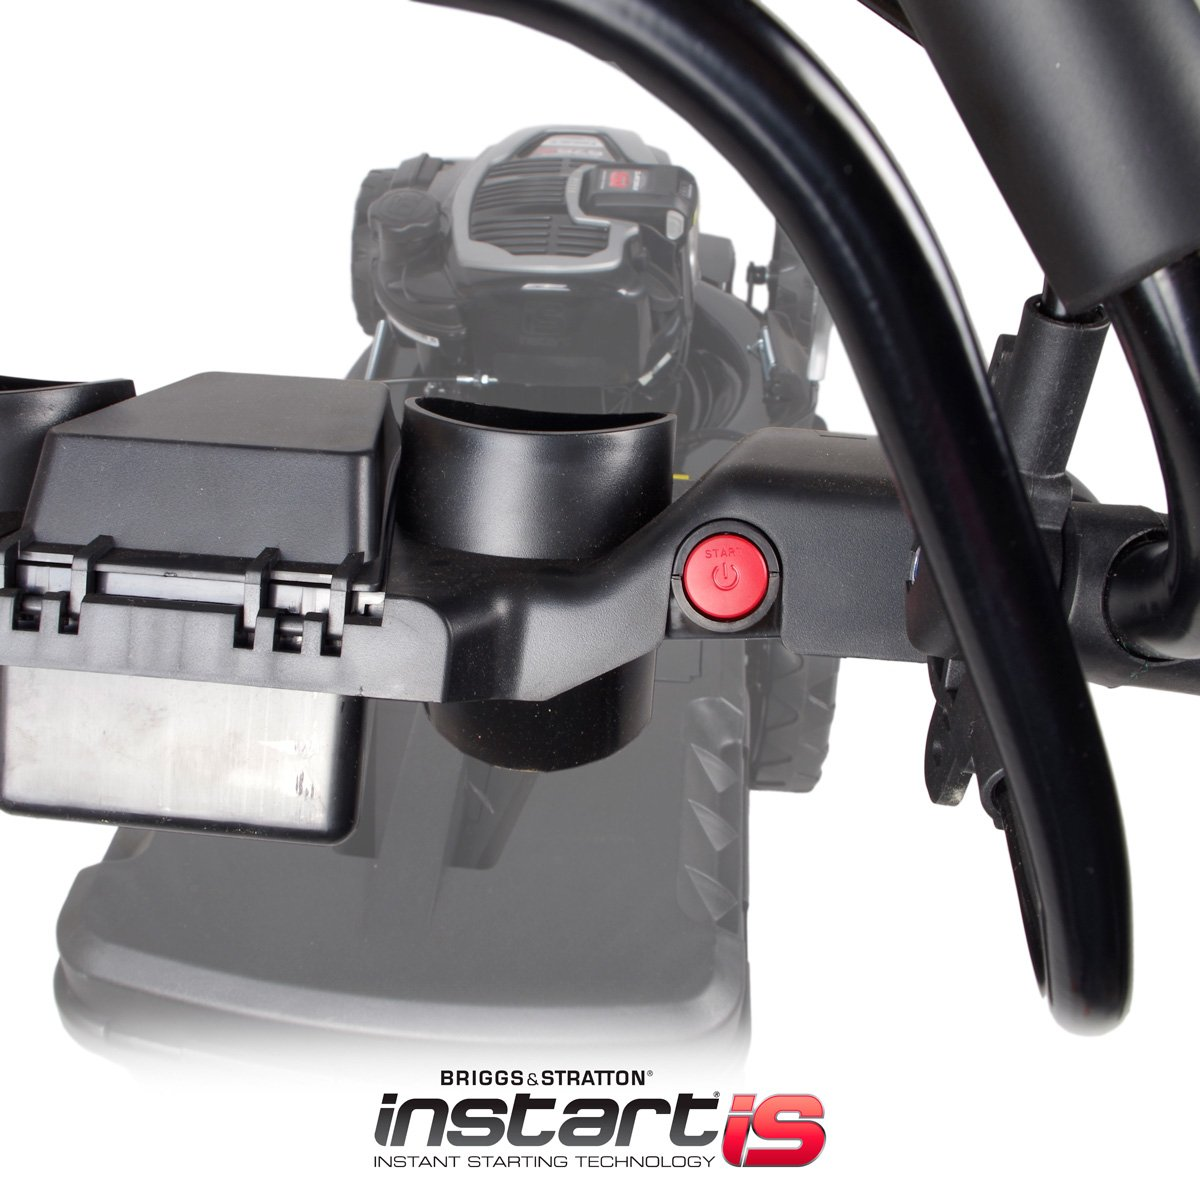 Brast - Cortacésped de gasolina automotor, motor Briggs & Stratton ...